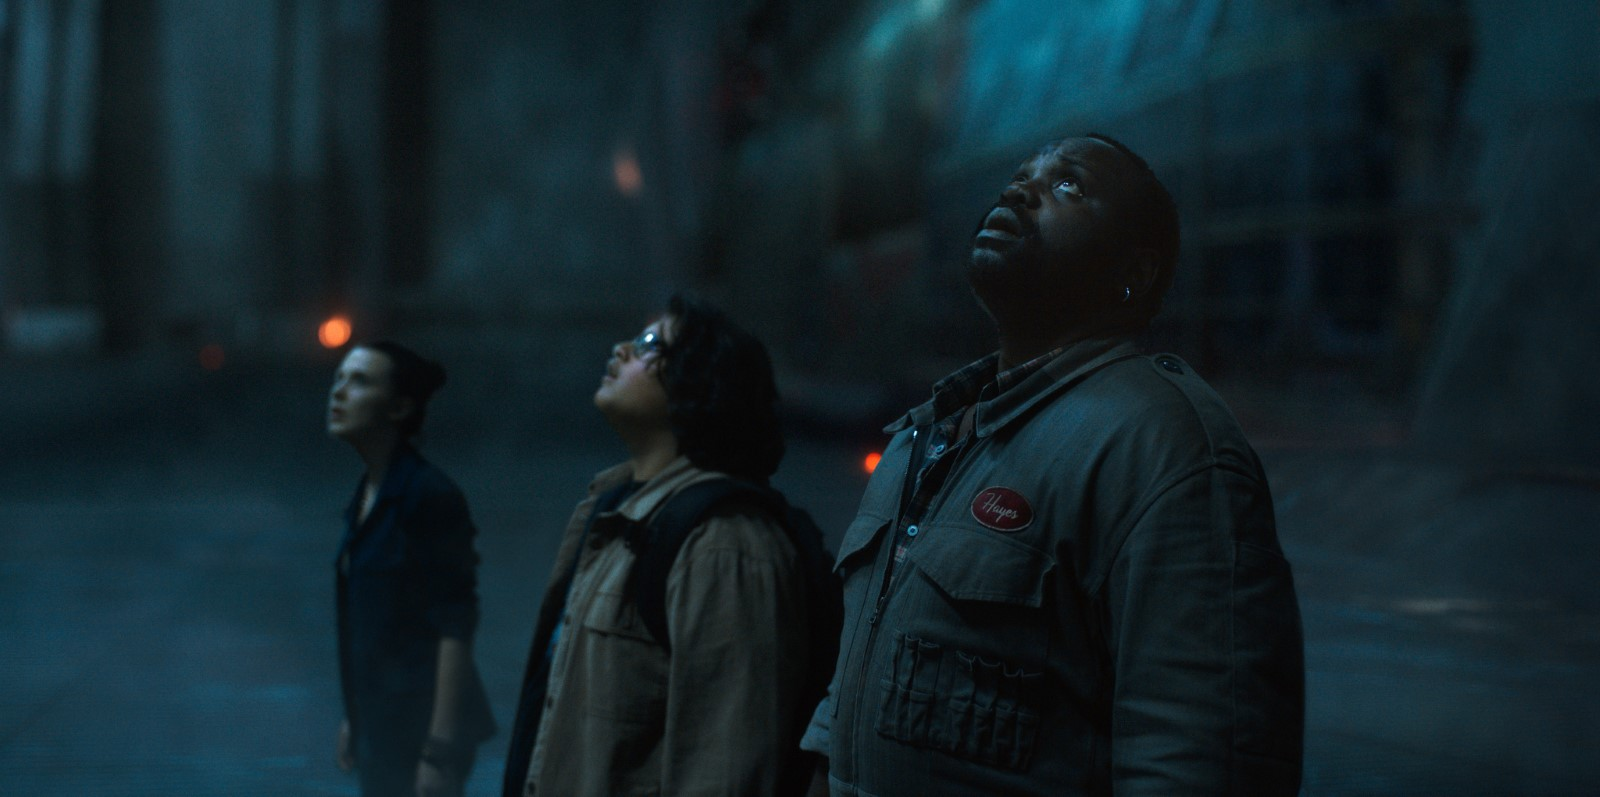 Cena do filme Godzilla vs. Kong. É uma imagem retangular, na qual há três pessoas enfileiradas, lado a lado, em uma ordem decrescente de altura da direita para a esquerda, de modo que a pessoa da extrema direita está mais à frente da imagem, e a pessoa da extrema esquerda está mais ao fundo da imagem Todos aparecem da cintura para cima. O personagem da direita é Bernie, um homem negro, seus olhos são castanhos escuros, seu nariz é largo e seus lábios são grossos. Ele possui uma barba rala e seu cabelo é curto, sendo quase rente a cabeça. Ele usa um macacão verde com bolsos na altura do peitoral e da barriga. Na parte central da imagem aparece Josh, um adolecente de pele com tom amendoado, seus olhos, de cor castanho claro, seu cabelo é preto e grande, ele usa um óculos retangular. O personagem usa uma jaqueta bege e carrega uma mochila preta nas costas. Na parte esquerda da imagem aparece Madison, uma garota branca, com olhos castanhos claros. Seu cabelo é grande e castanho claro, na imagem ele aparece preso em um coque. Ela usa uma jaqueta azul, com as mangas dobradas na altura do cotovelo, e em seu braço esquerdo há um conjunto de pulseiras. Todos os personagens olham para o canto superior esquerdo da imagem, Bernie e Josh estão com as bocas abertas. O fundo da imagem é de tom azul escuro.